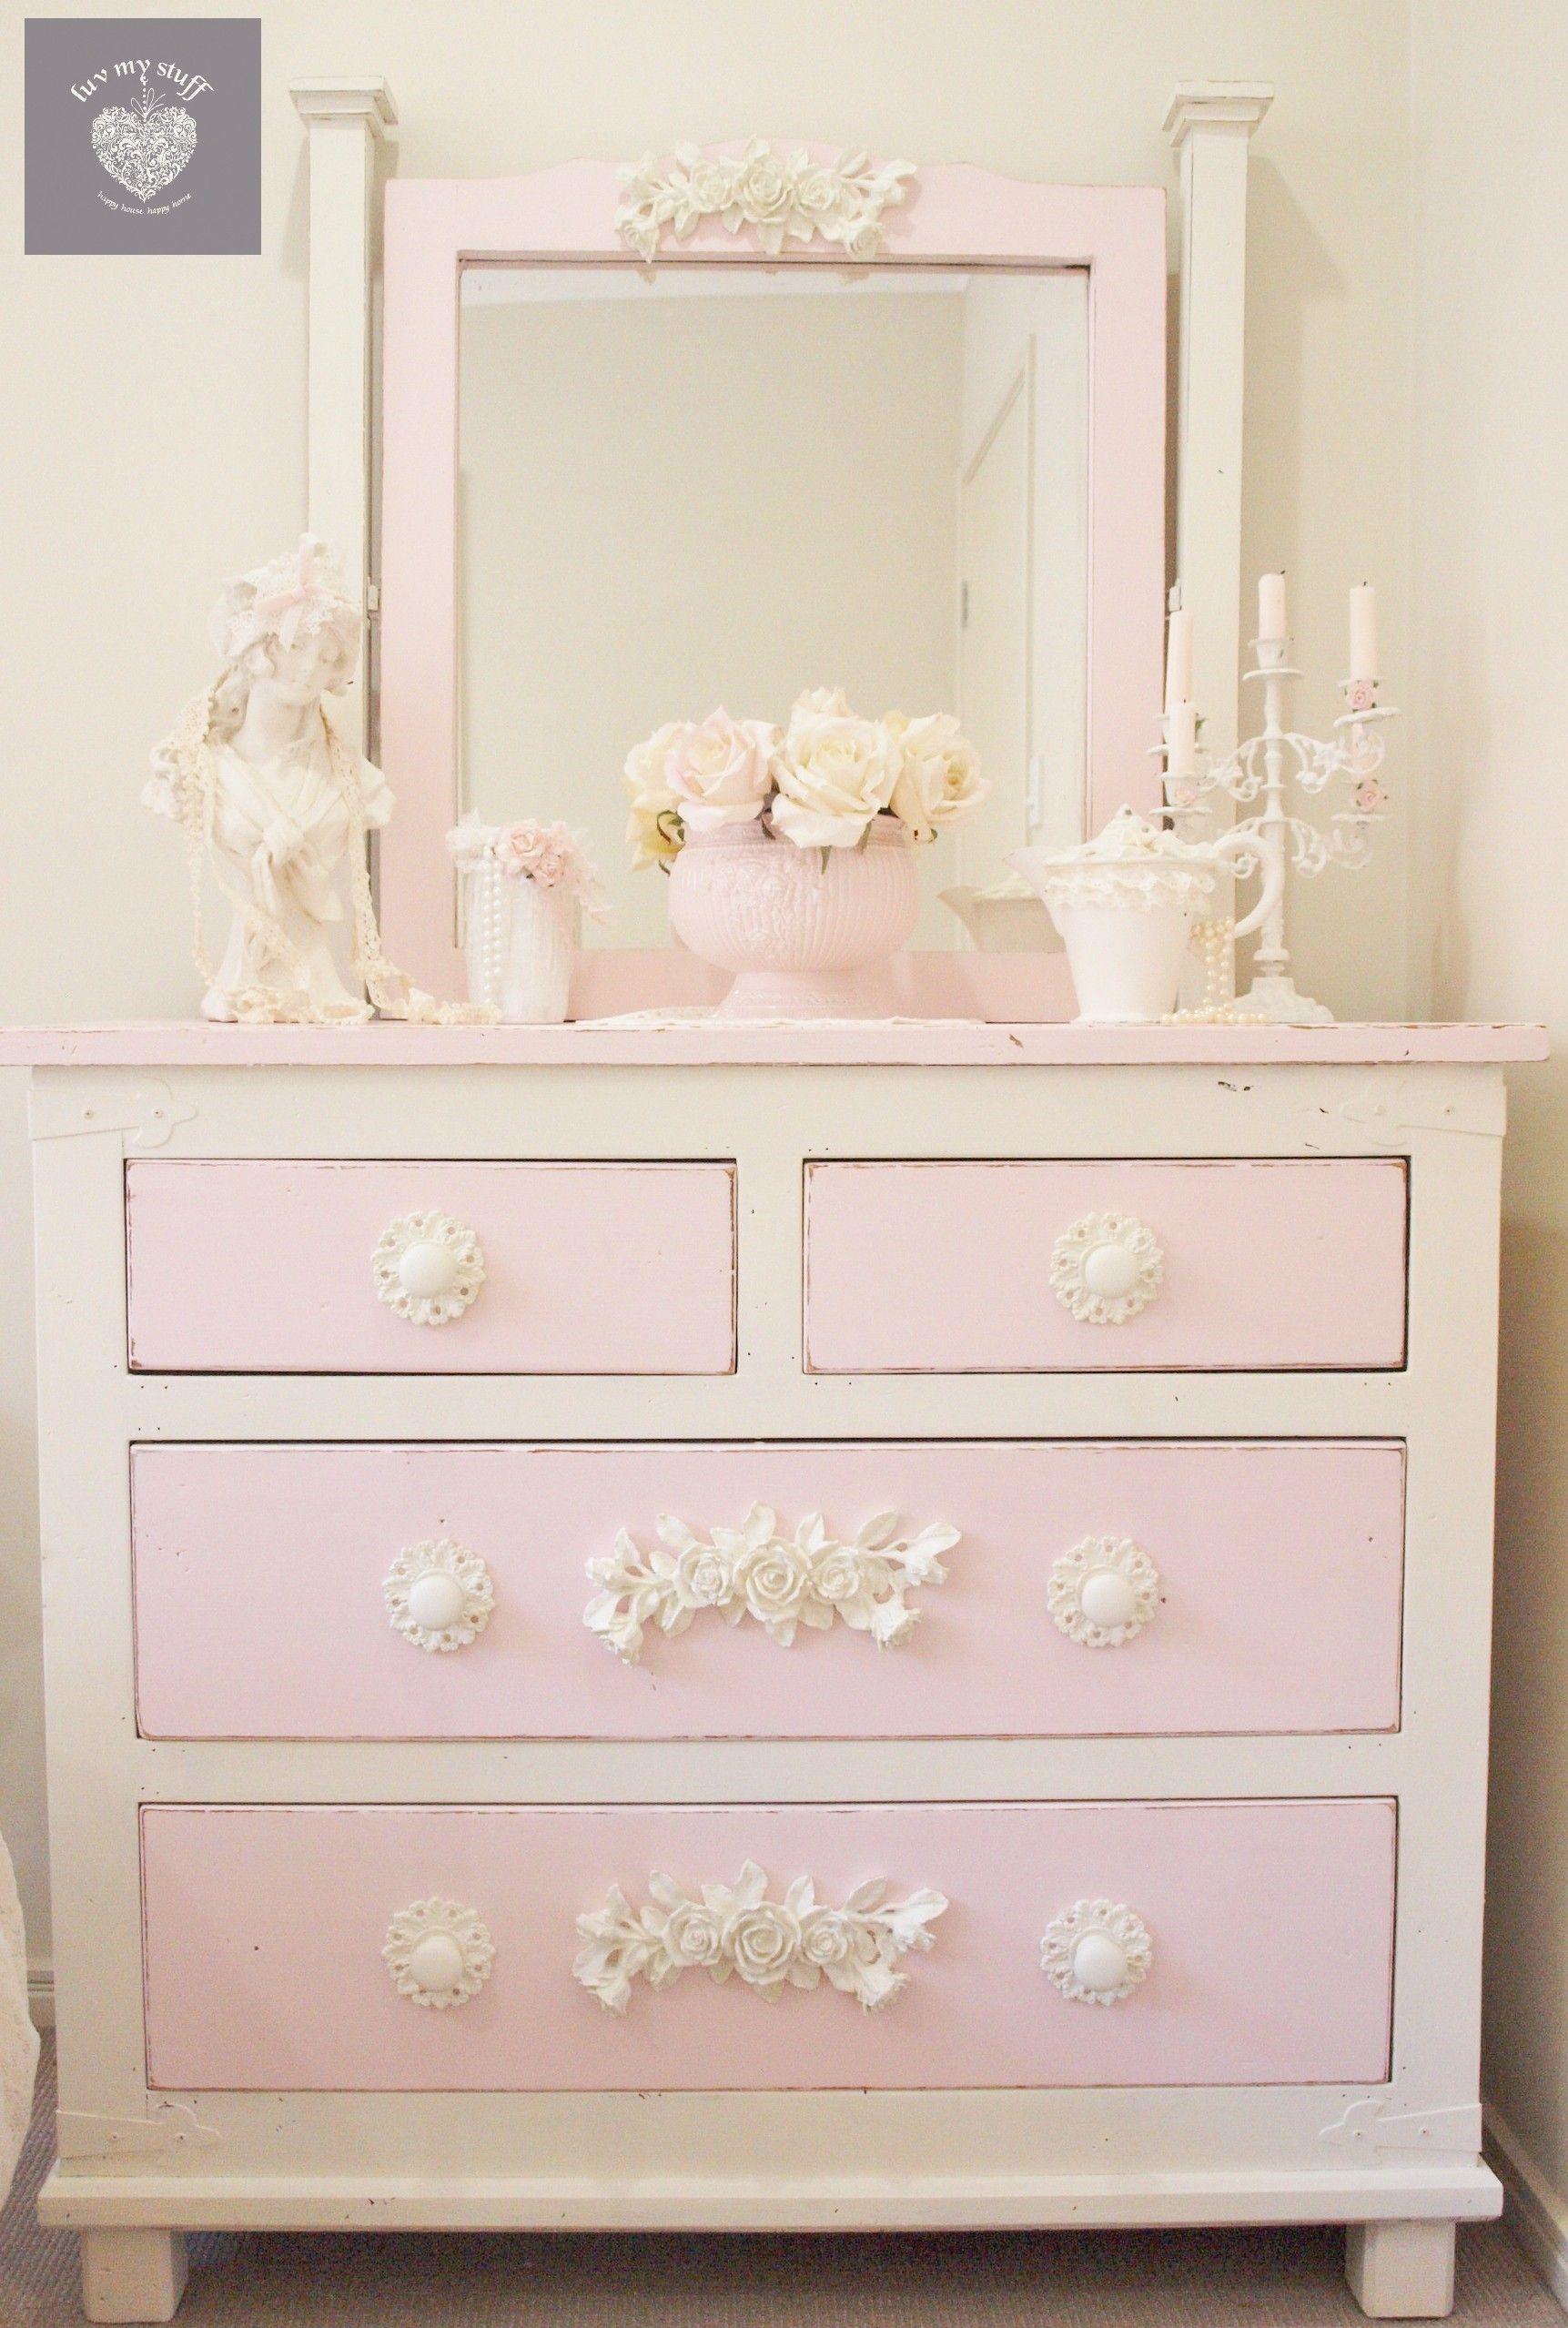 Lumiereprincess deco maison en 2019 pinterest mobilier de salon shabby chic et d co for Mobilier decoration maison